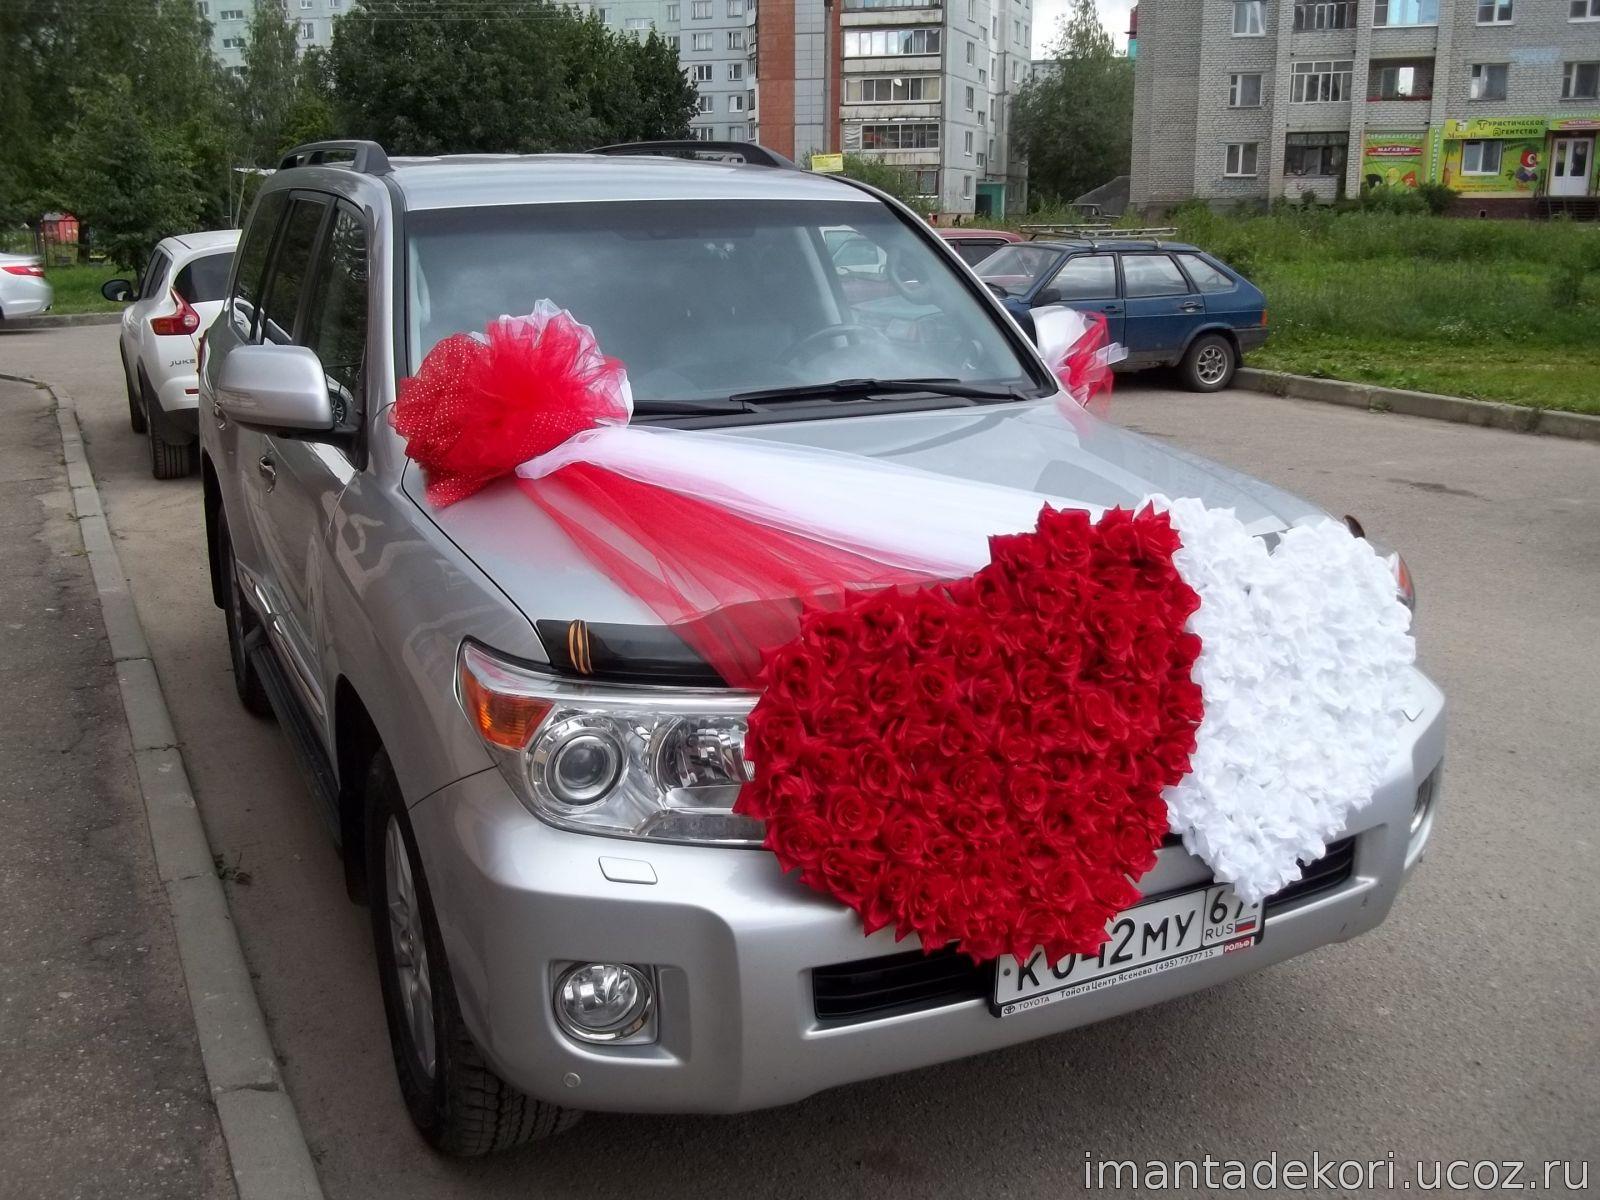 Свадебная машина своими руками из ткани